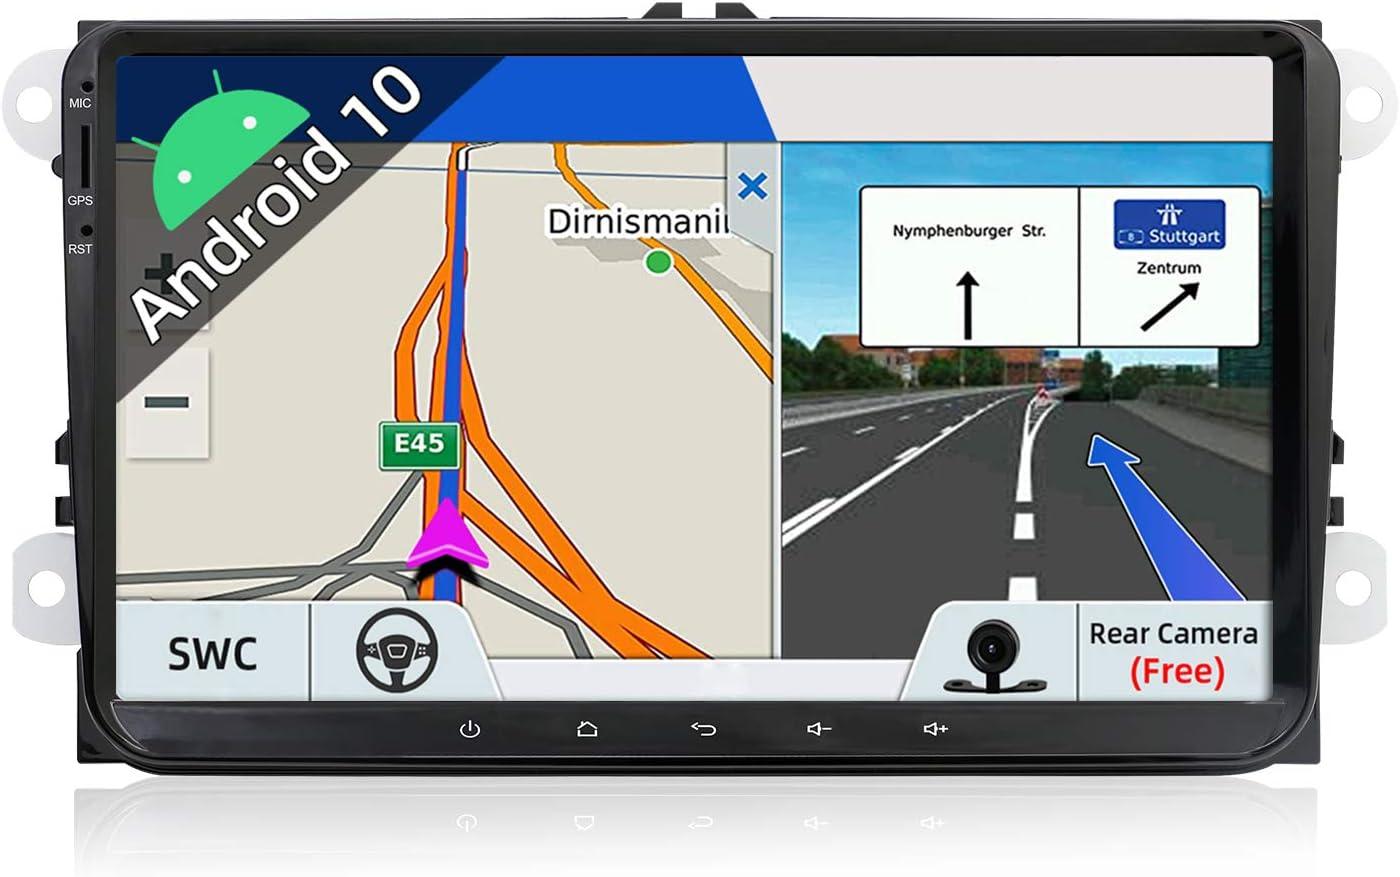 JOYX Autoradio Android 10 Estéreo Compatible con VW Golf/Skoda/Seat/Polo GPS 2 DIN   Cámara & Canbus Gratis  9 Pulgada - Soporte Dab Mandos de Volante USB 4G WiFi Bluetooth MirrorLink Google Carpl